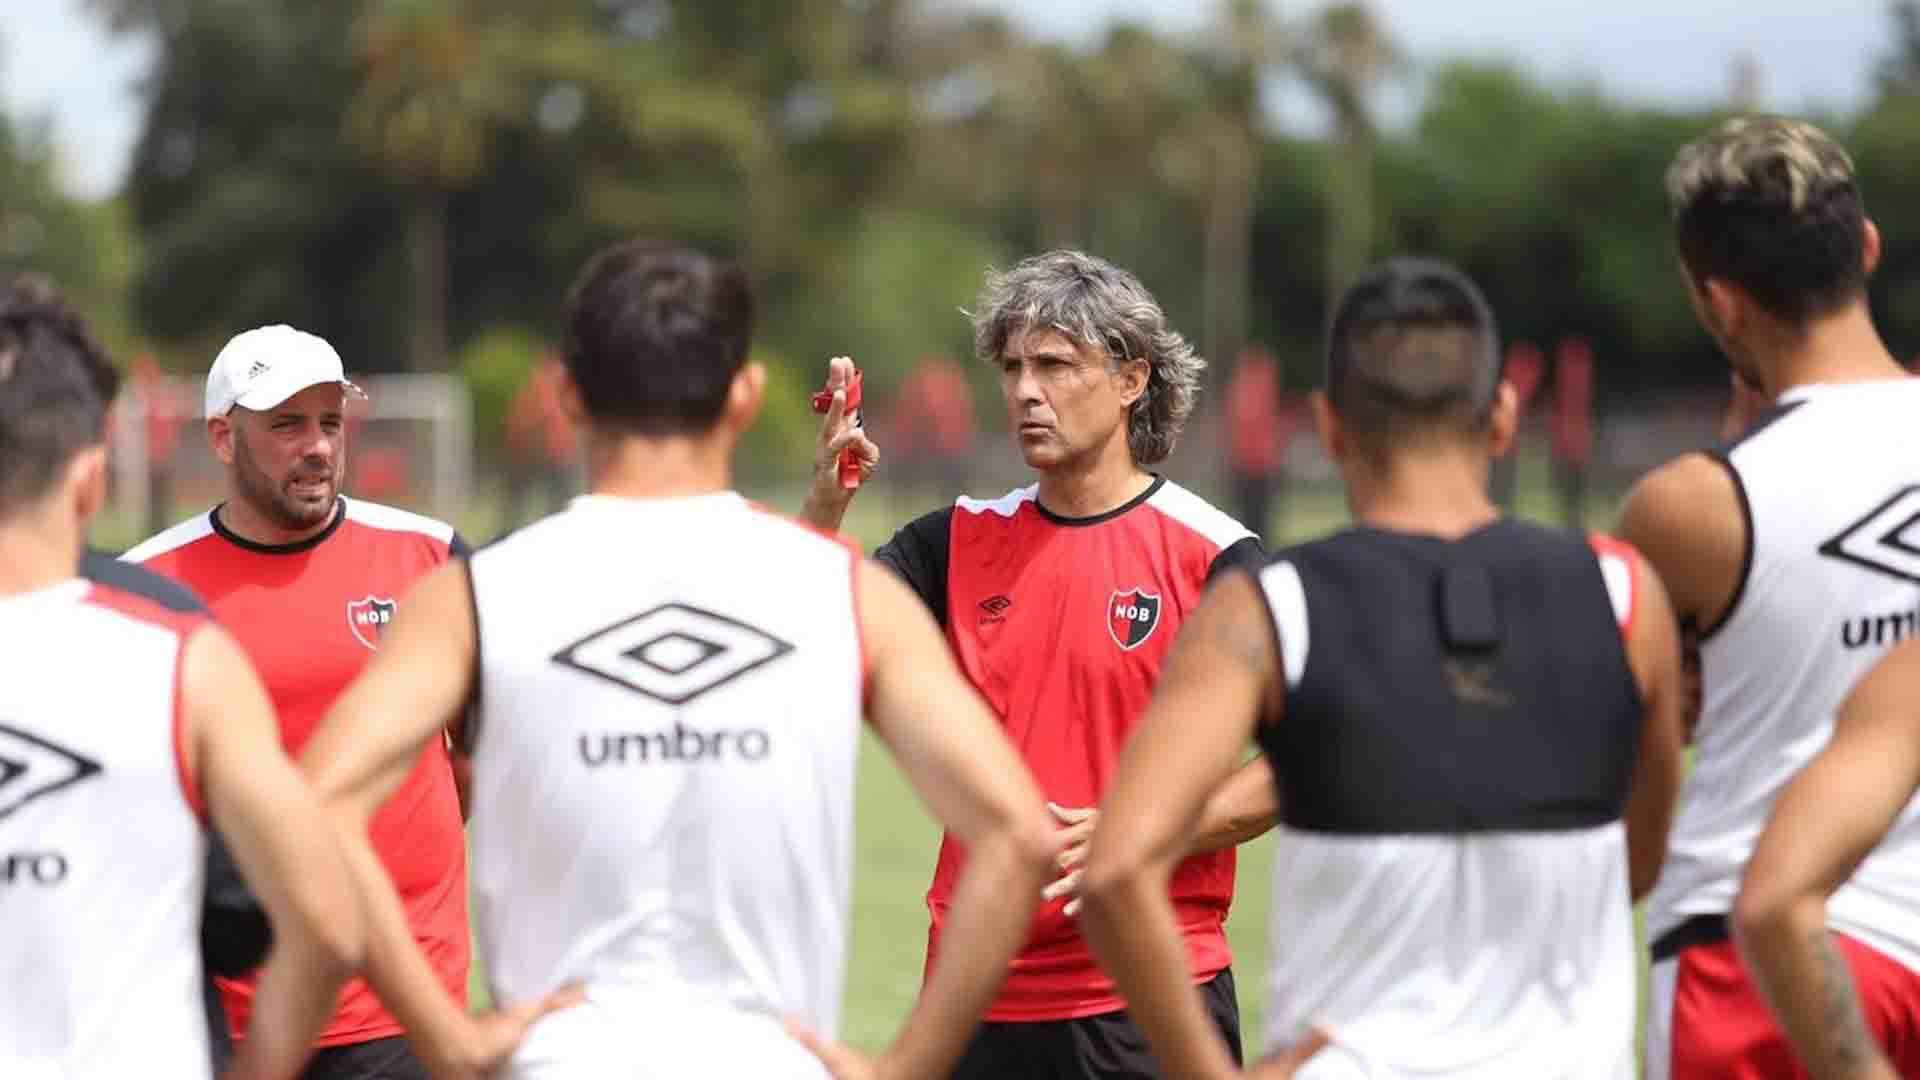 El nuevo director estuvocomo asistente en la preparación de la Venezuela sub-17 que participó en el Sudamericano de la categoría en 2011